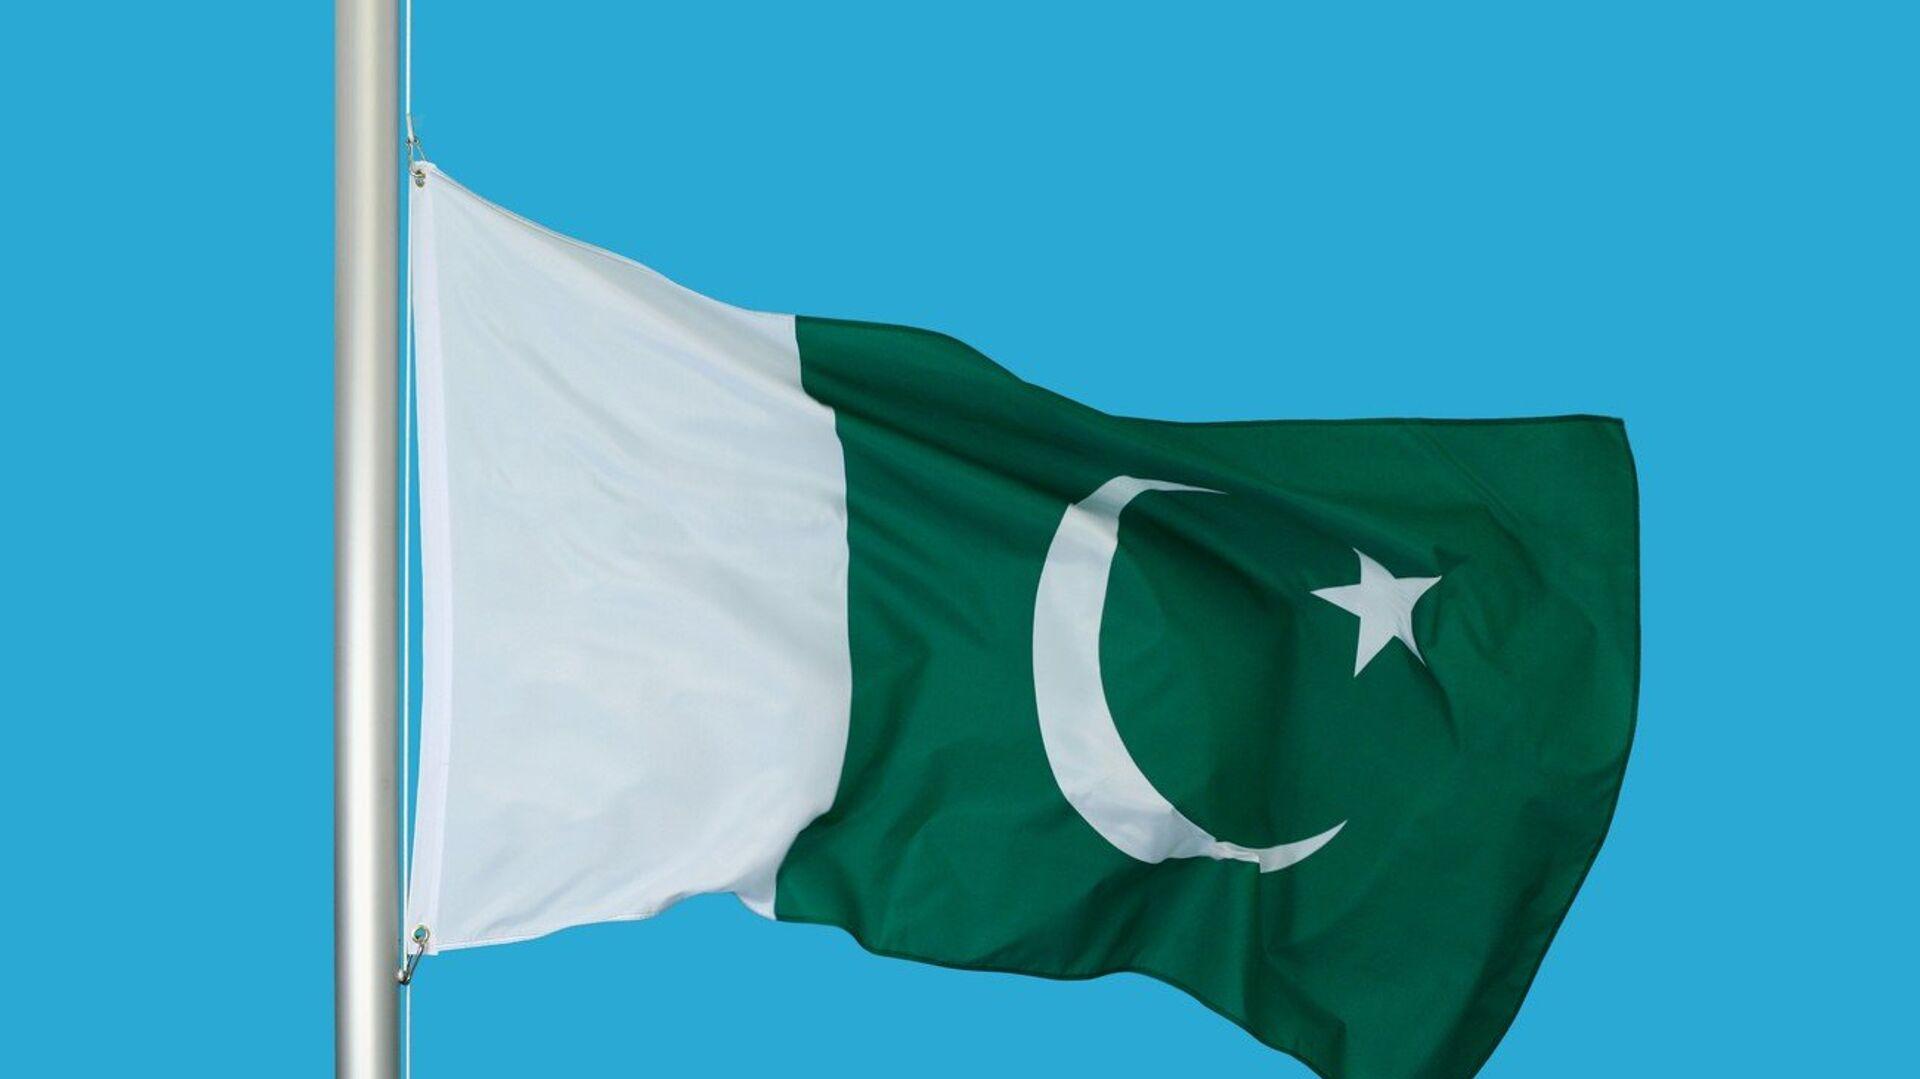 La bandiera del Pakistan - Sputnik Italia, 1920, 07.09.2021